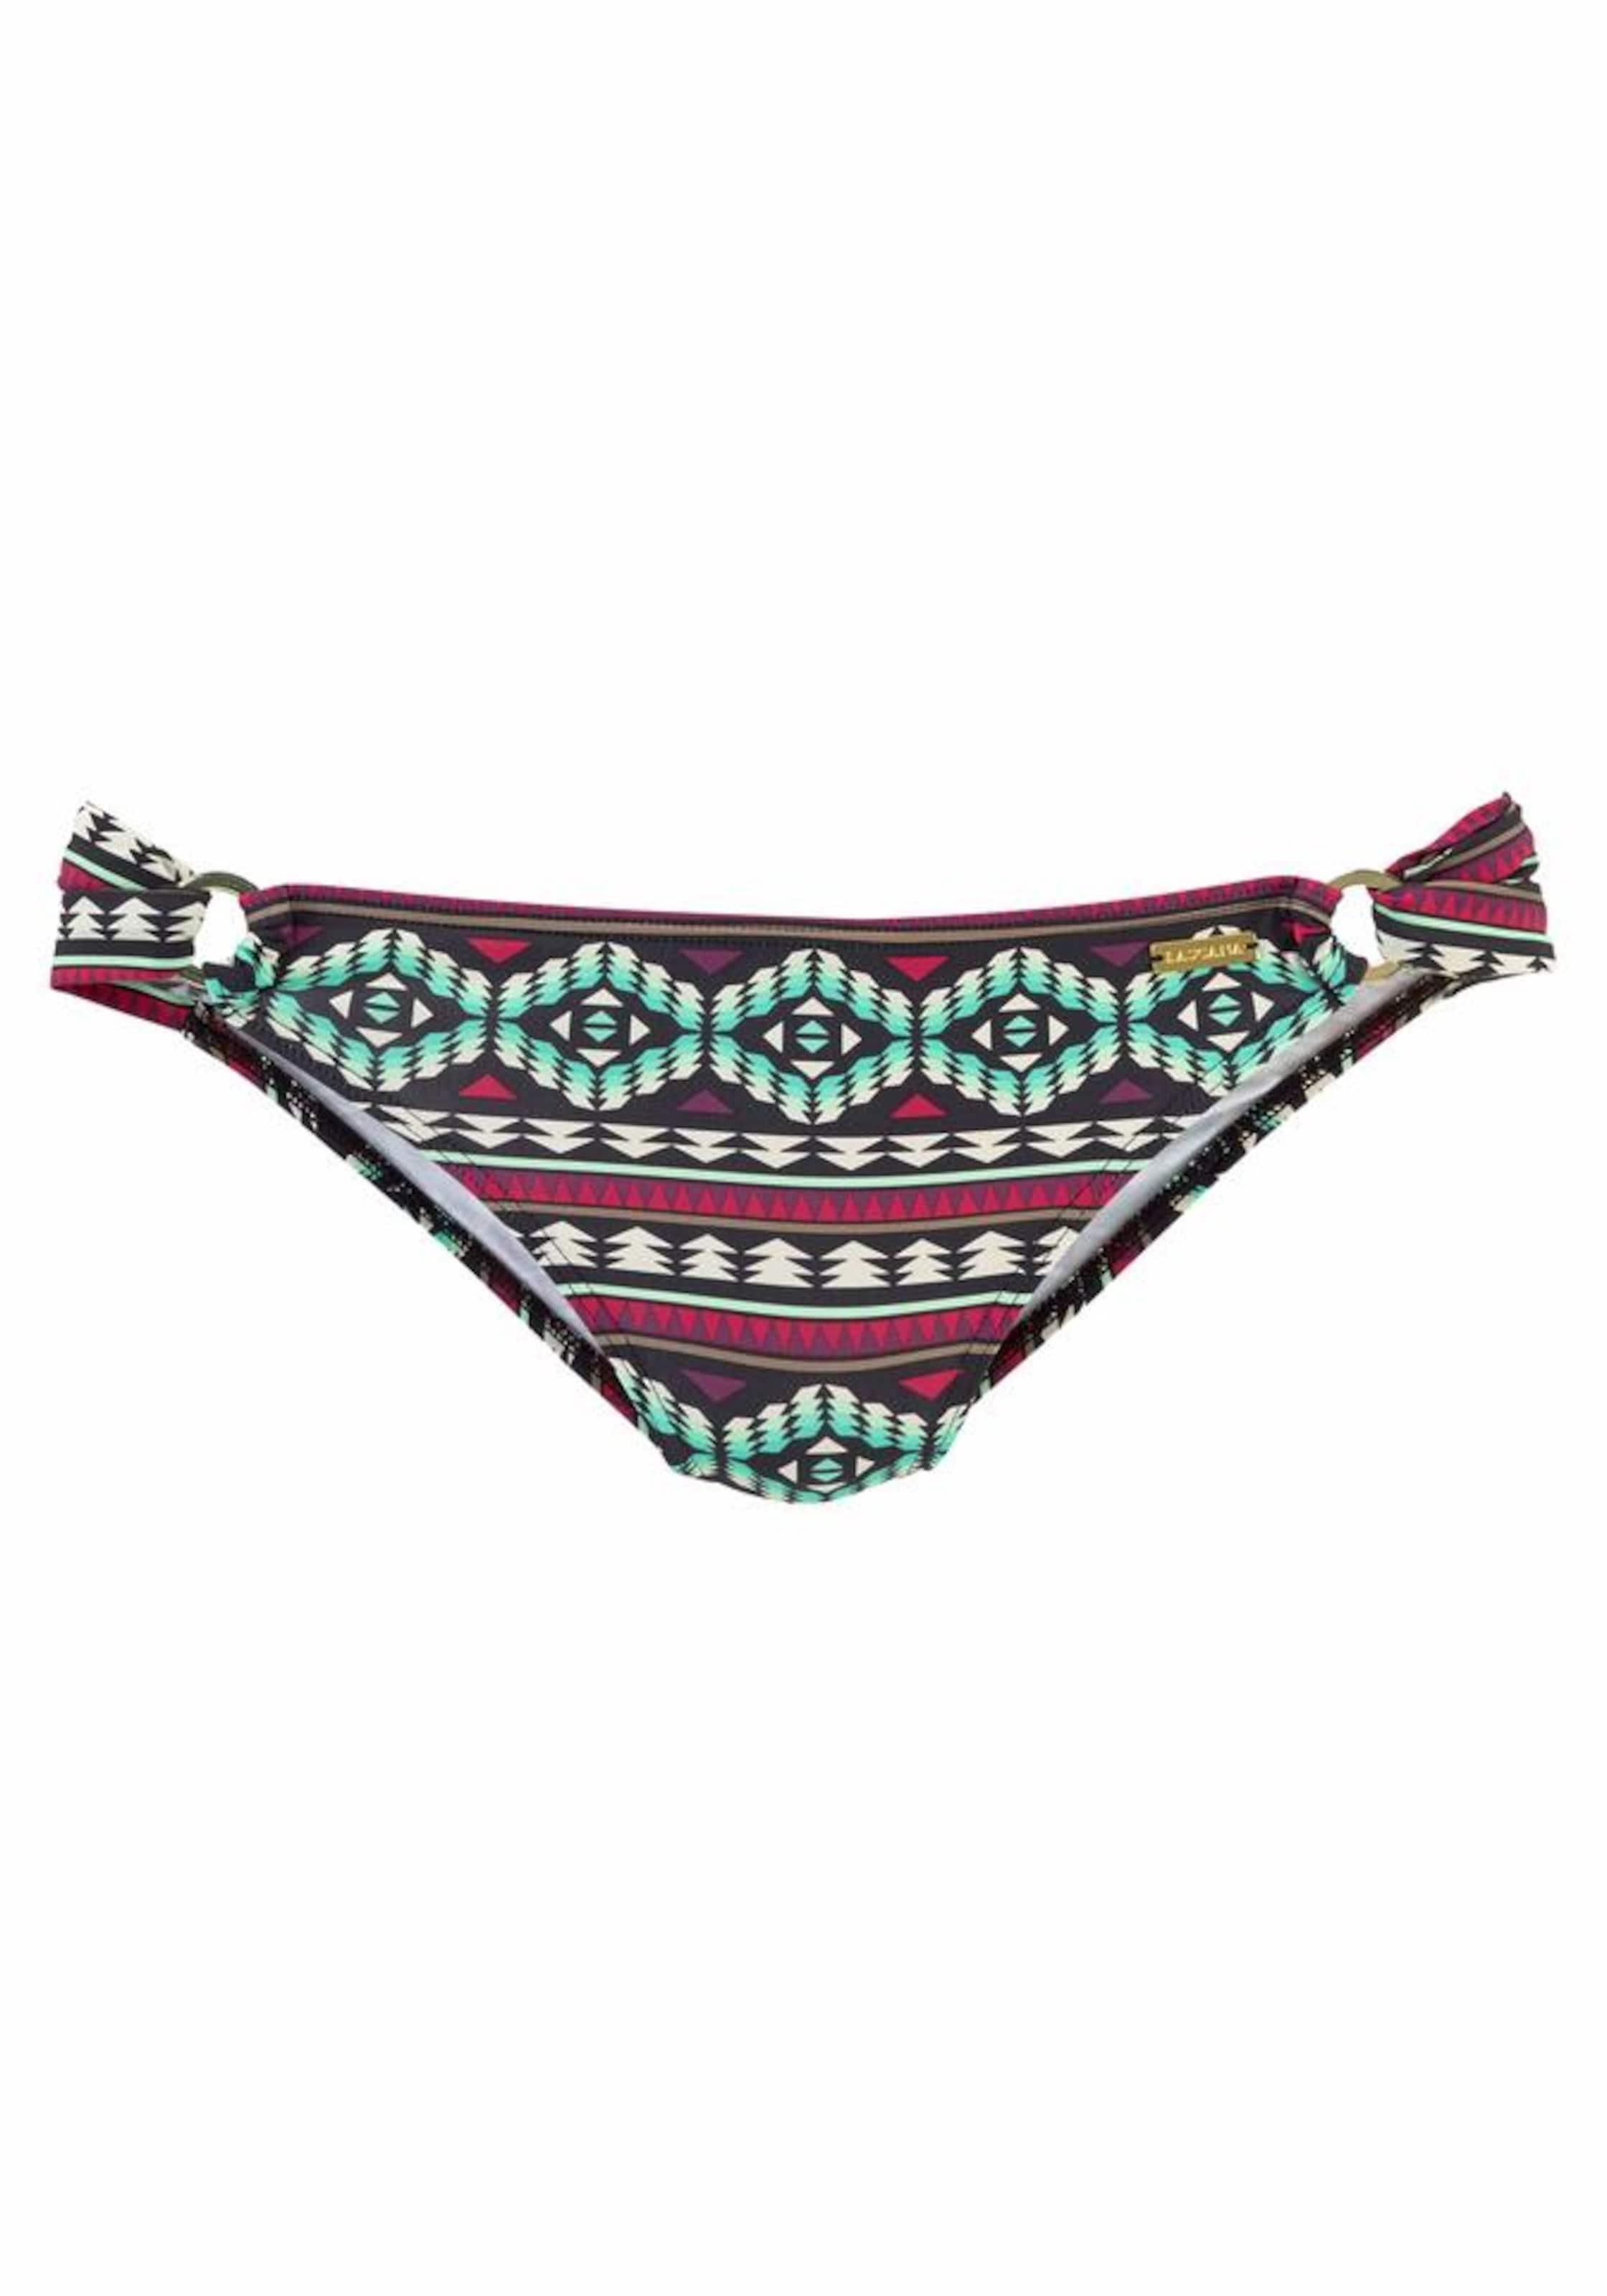 LASCANA Bikini-Hose Preiswert Rabatt-Shop Für Große Auswahl An Zum Verkauf Billig Verkauf Limitierter Auflage Bester Verkauf Zum Verkauf ApsLYZ